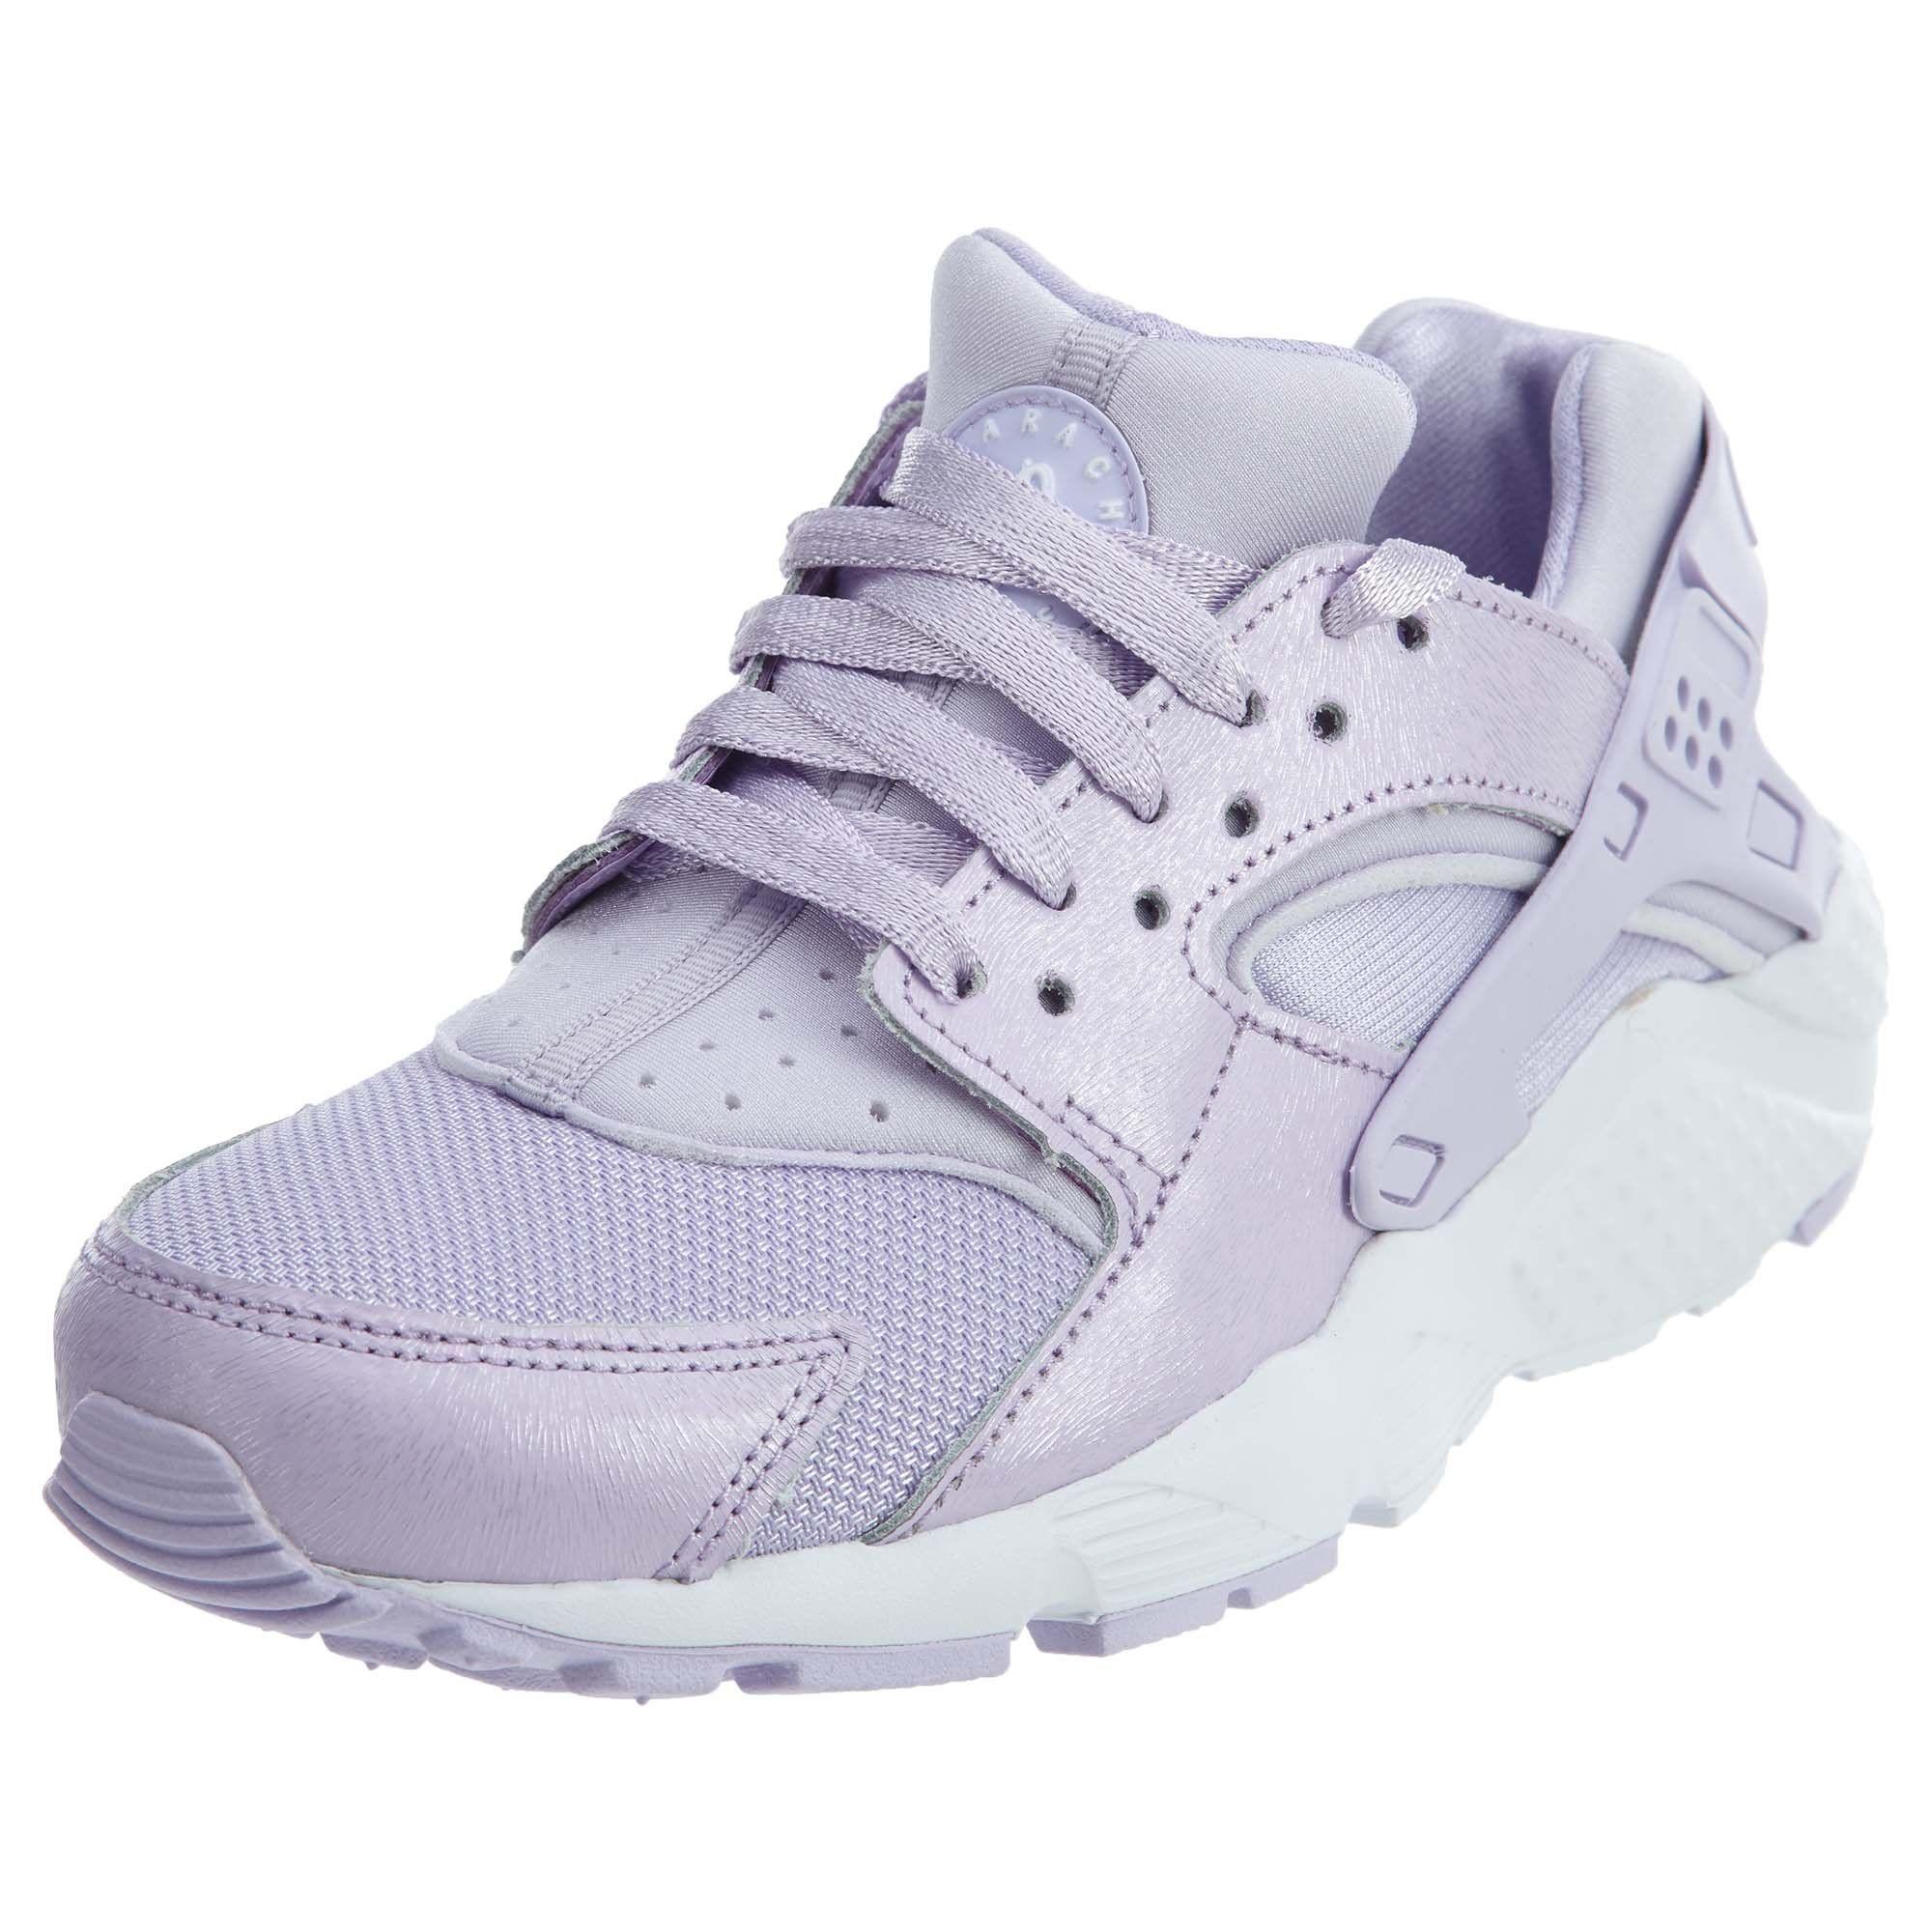 94a1e2048e94 Nike Kids Air Huarache Run SE GS Violet Mist 904538-500 (SIZE  4Y ...